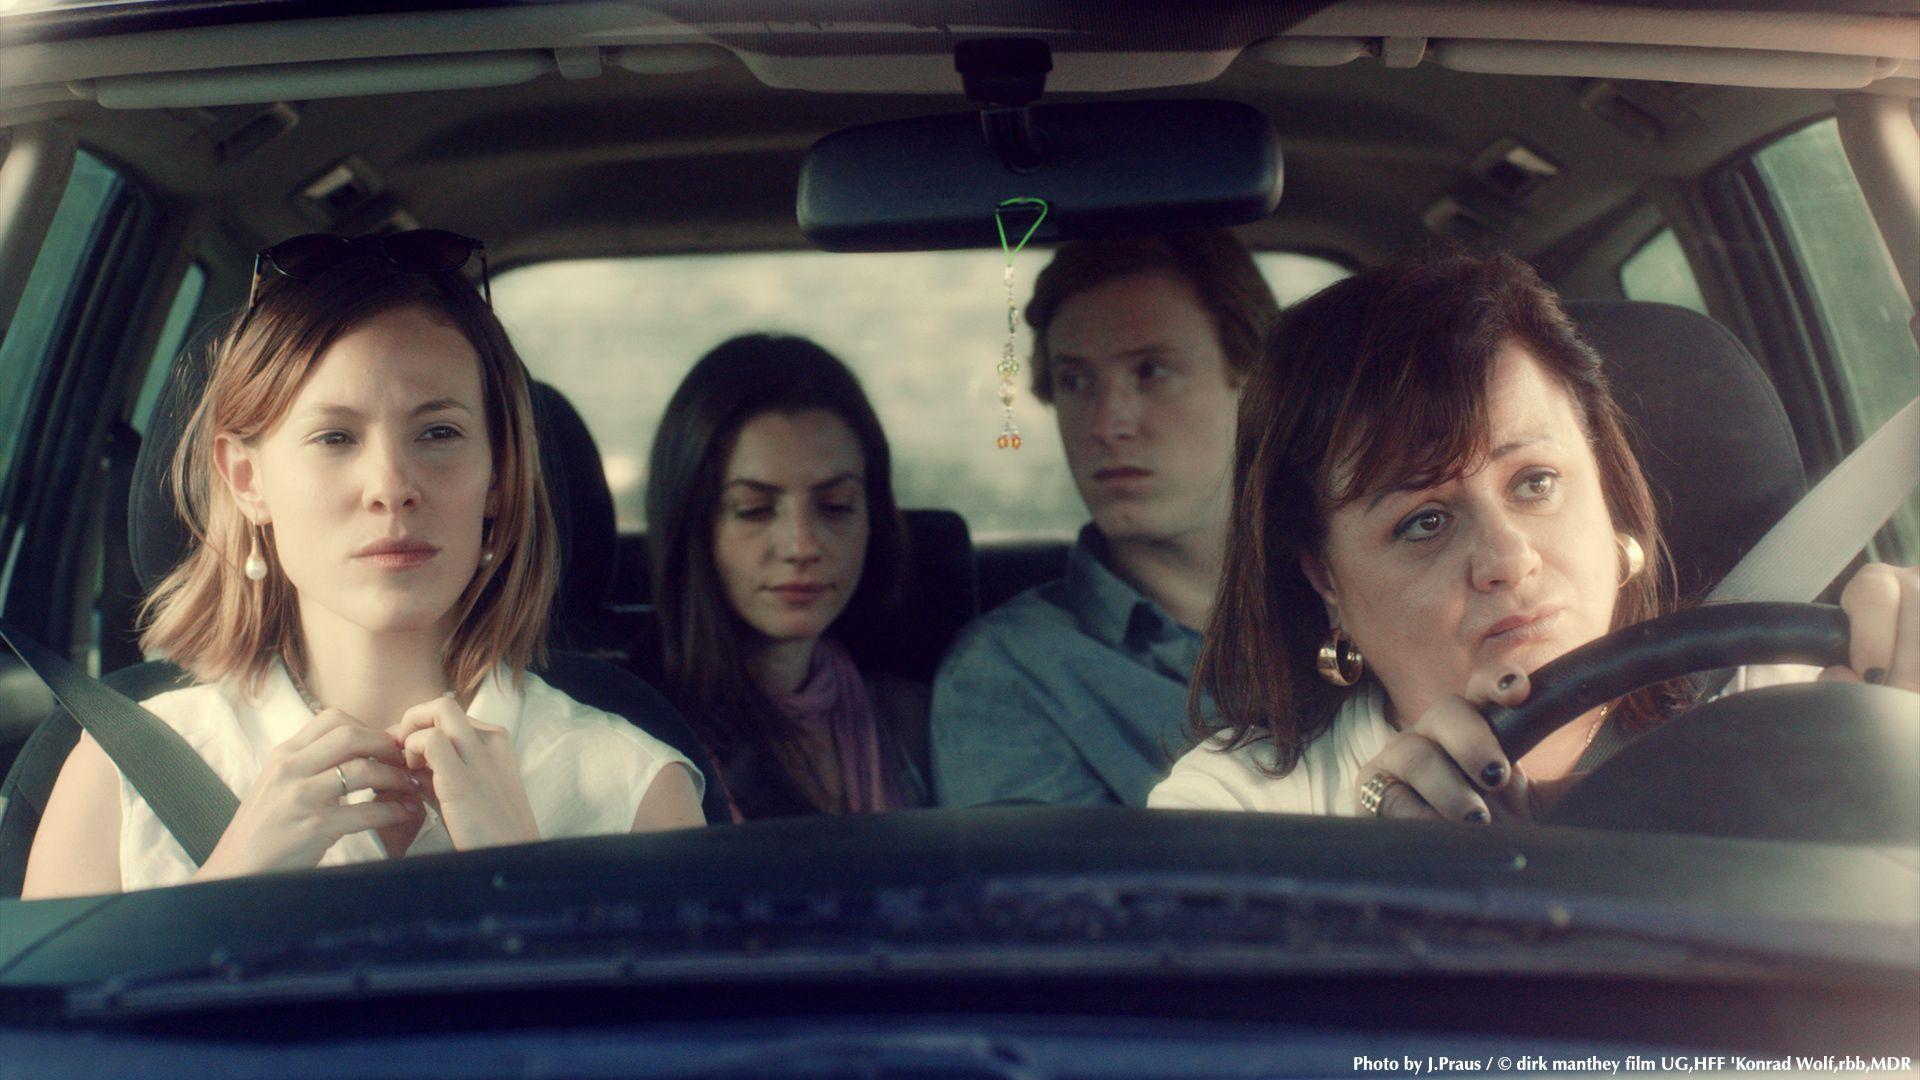 Dans la voiture familiale, © Photo de courtoisie